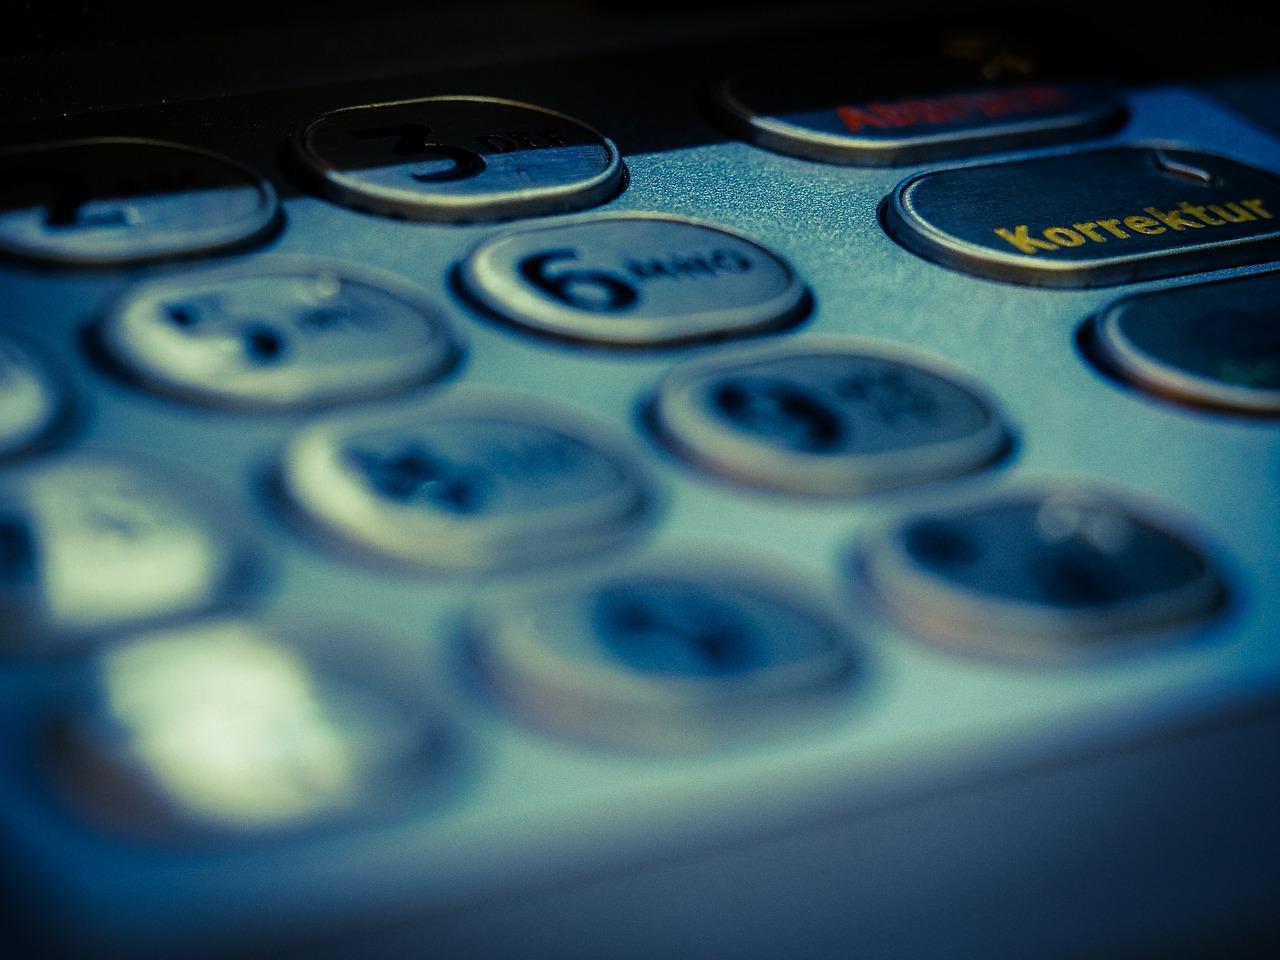 FBデータとは?経費精算システムでの活用でどんなメリットが?